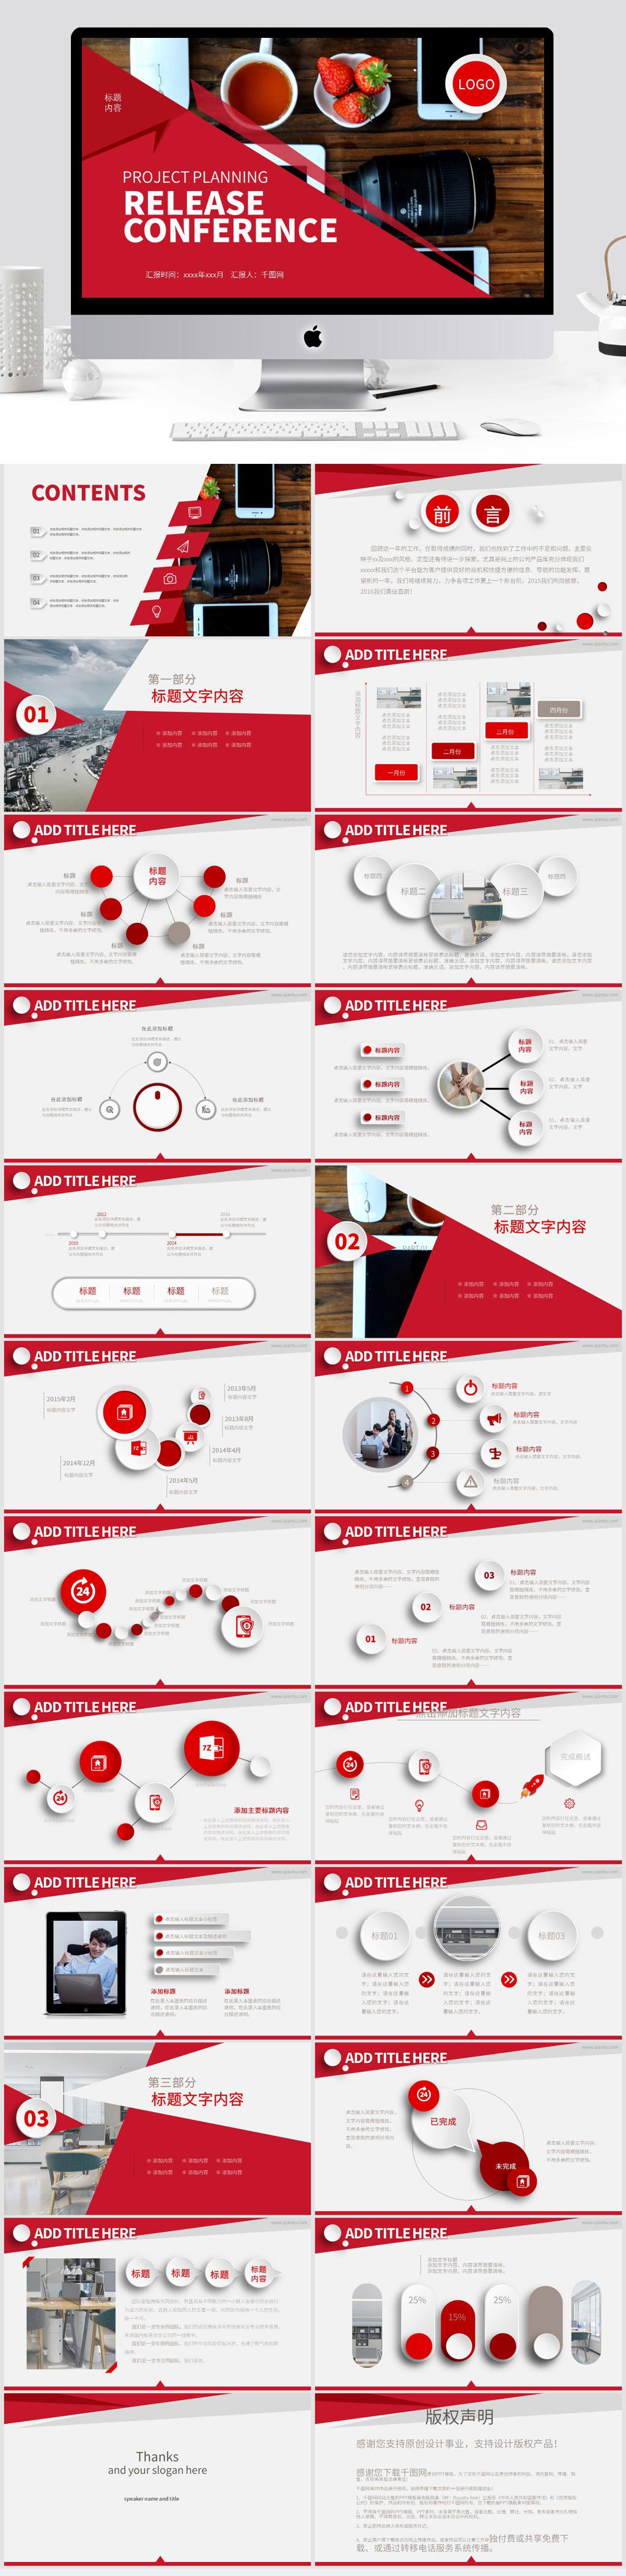 企业文化介绍宣传PPT模板